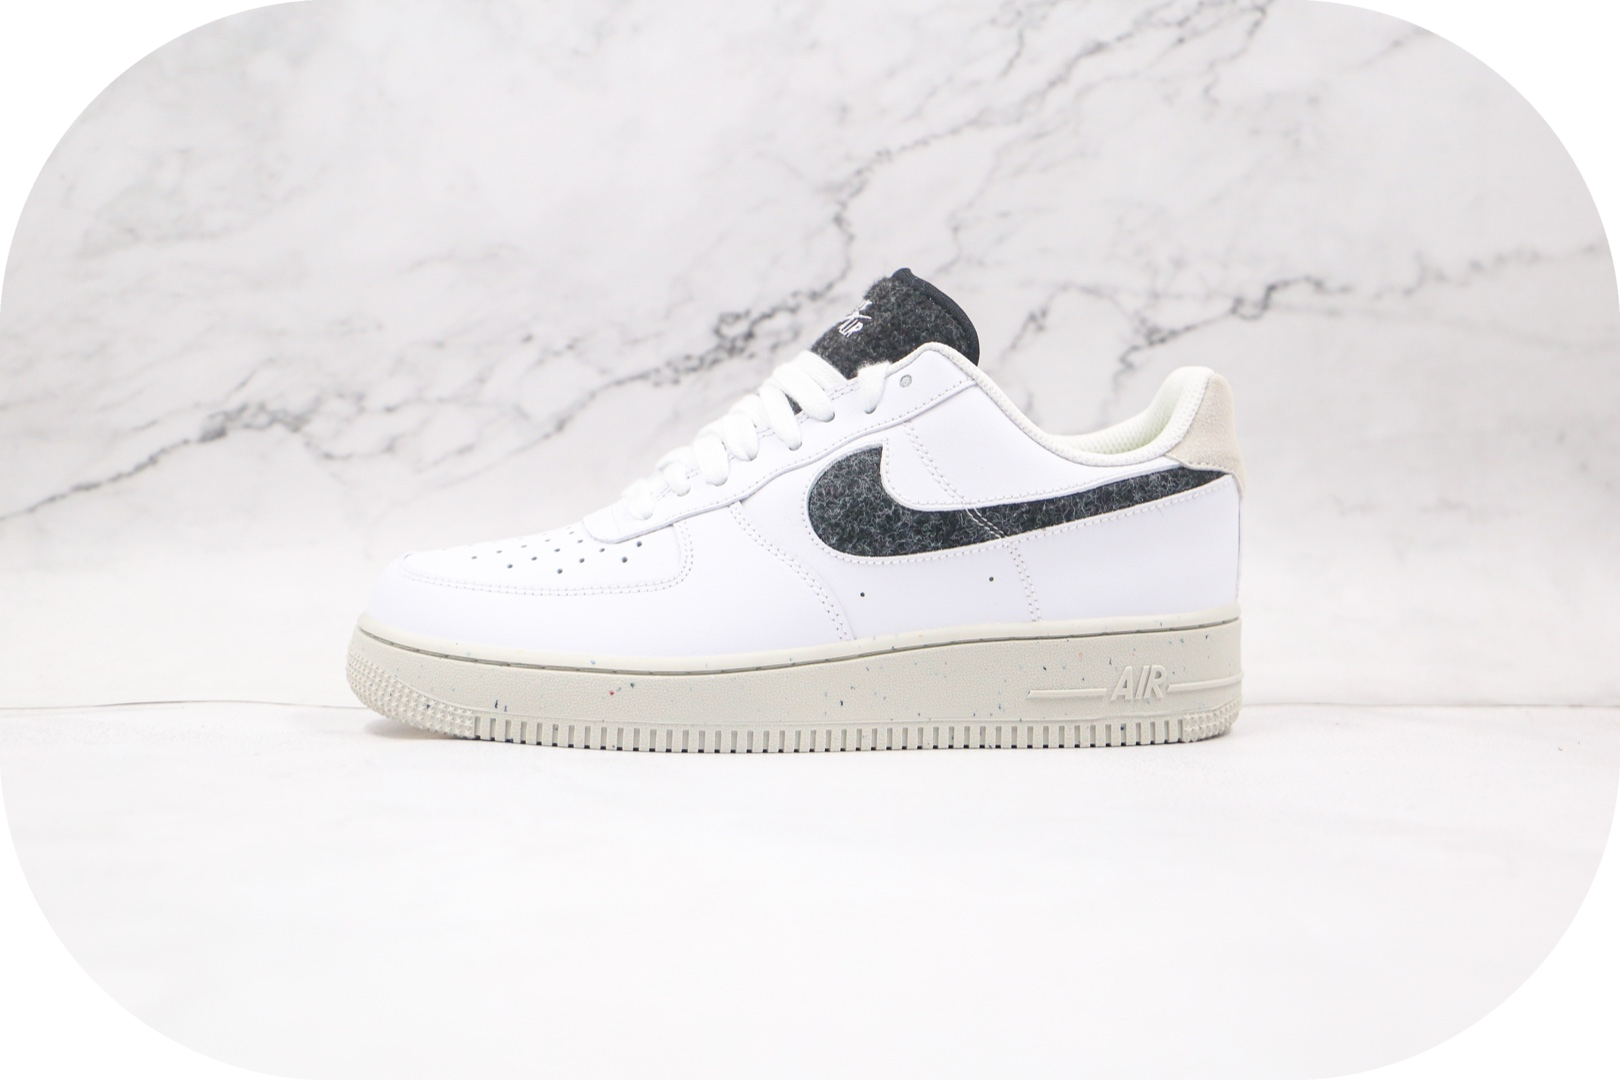 耐克Nike Air Force 1 Low纯原版本低帮空军一号白黑羊毛阴阳骨白板鞋内置全掌Sole气垫 货号:DA6682-100